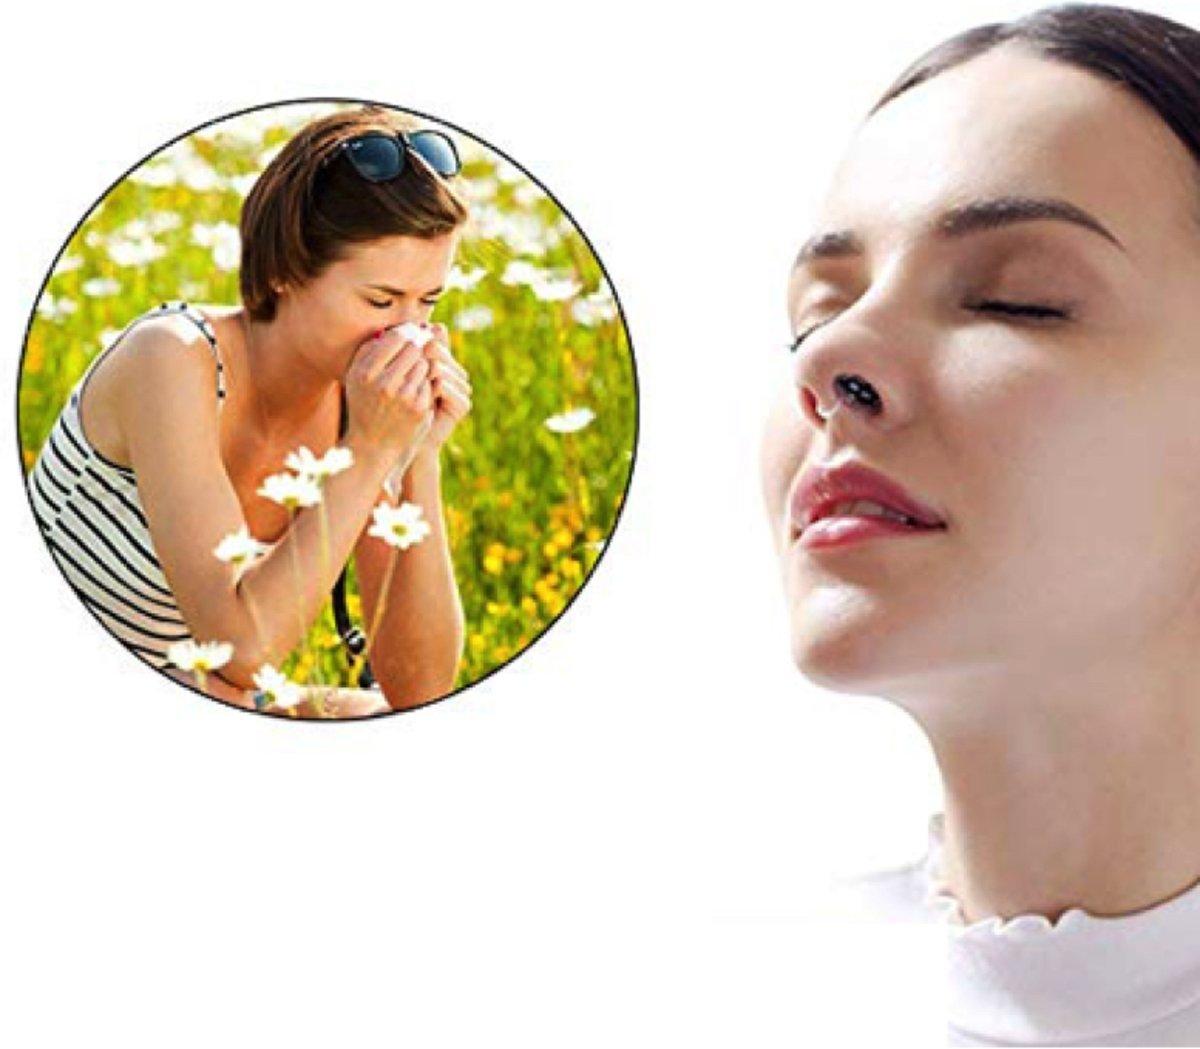 Foto van Anti Allergie L | Anti-Allergie |Neusfilters | Neus Filters | Anti-allergie apparaat | Anti Allergie Apparaat | Hooikoorts | Stofmasker | Stof masker | Adembescherming